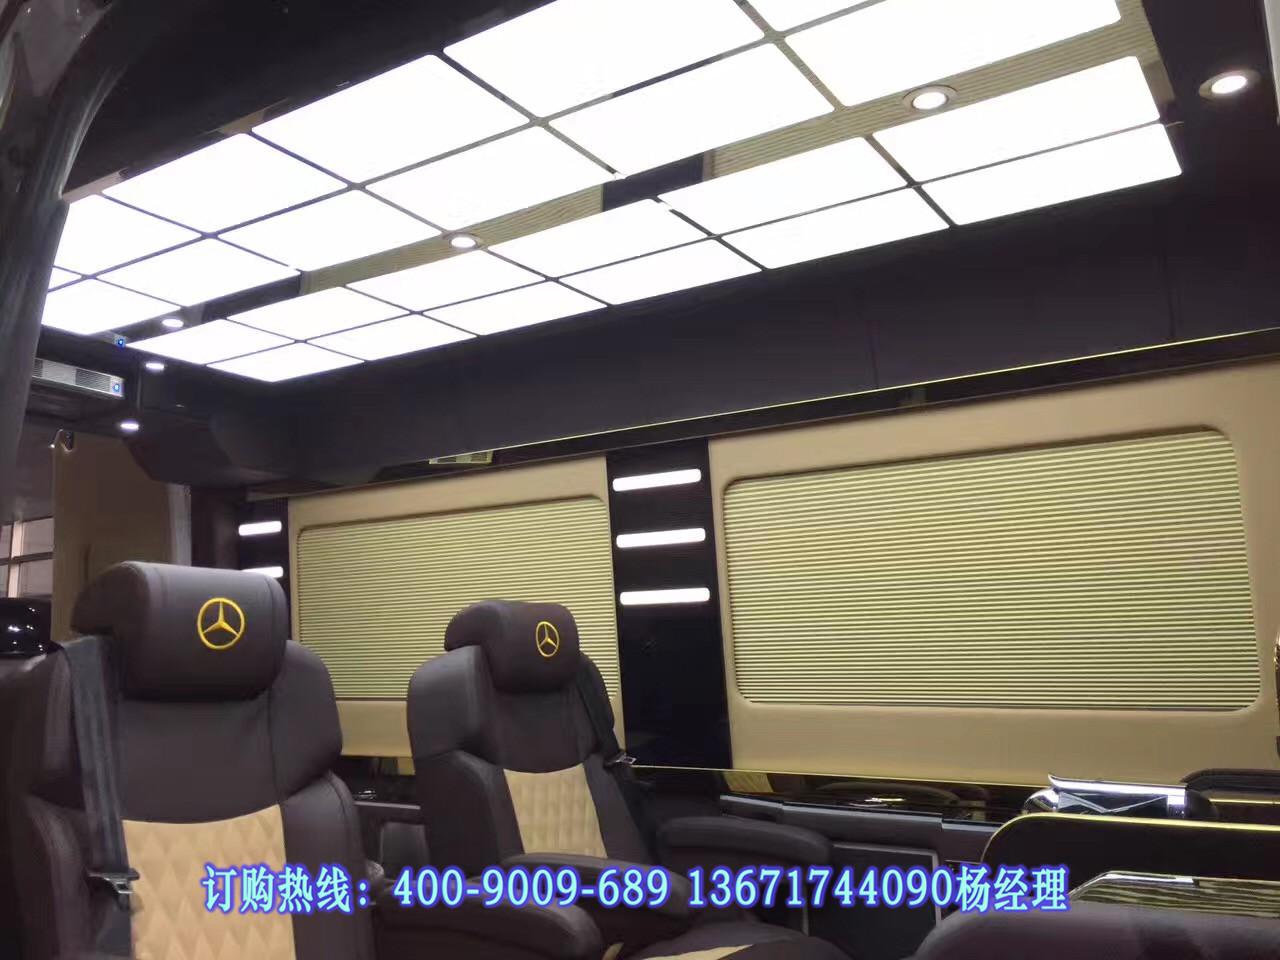 原装进口奔驰斯宾特324 (蓝牌C本)-奔驰斯宾特多少钱 奔驰斯宾特怎